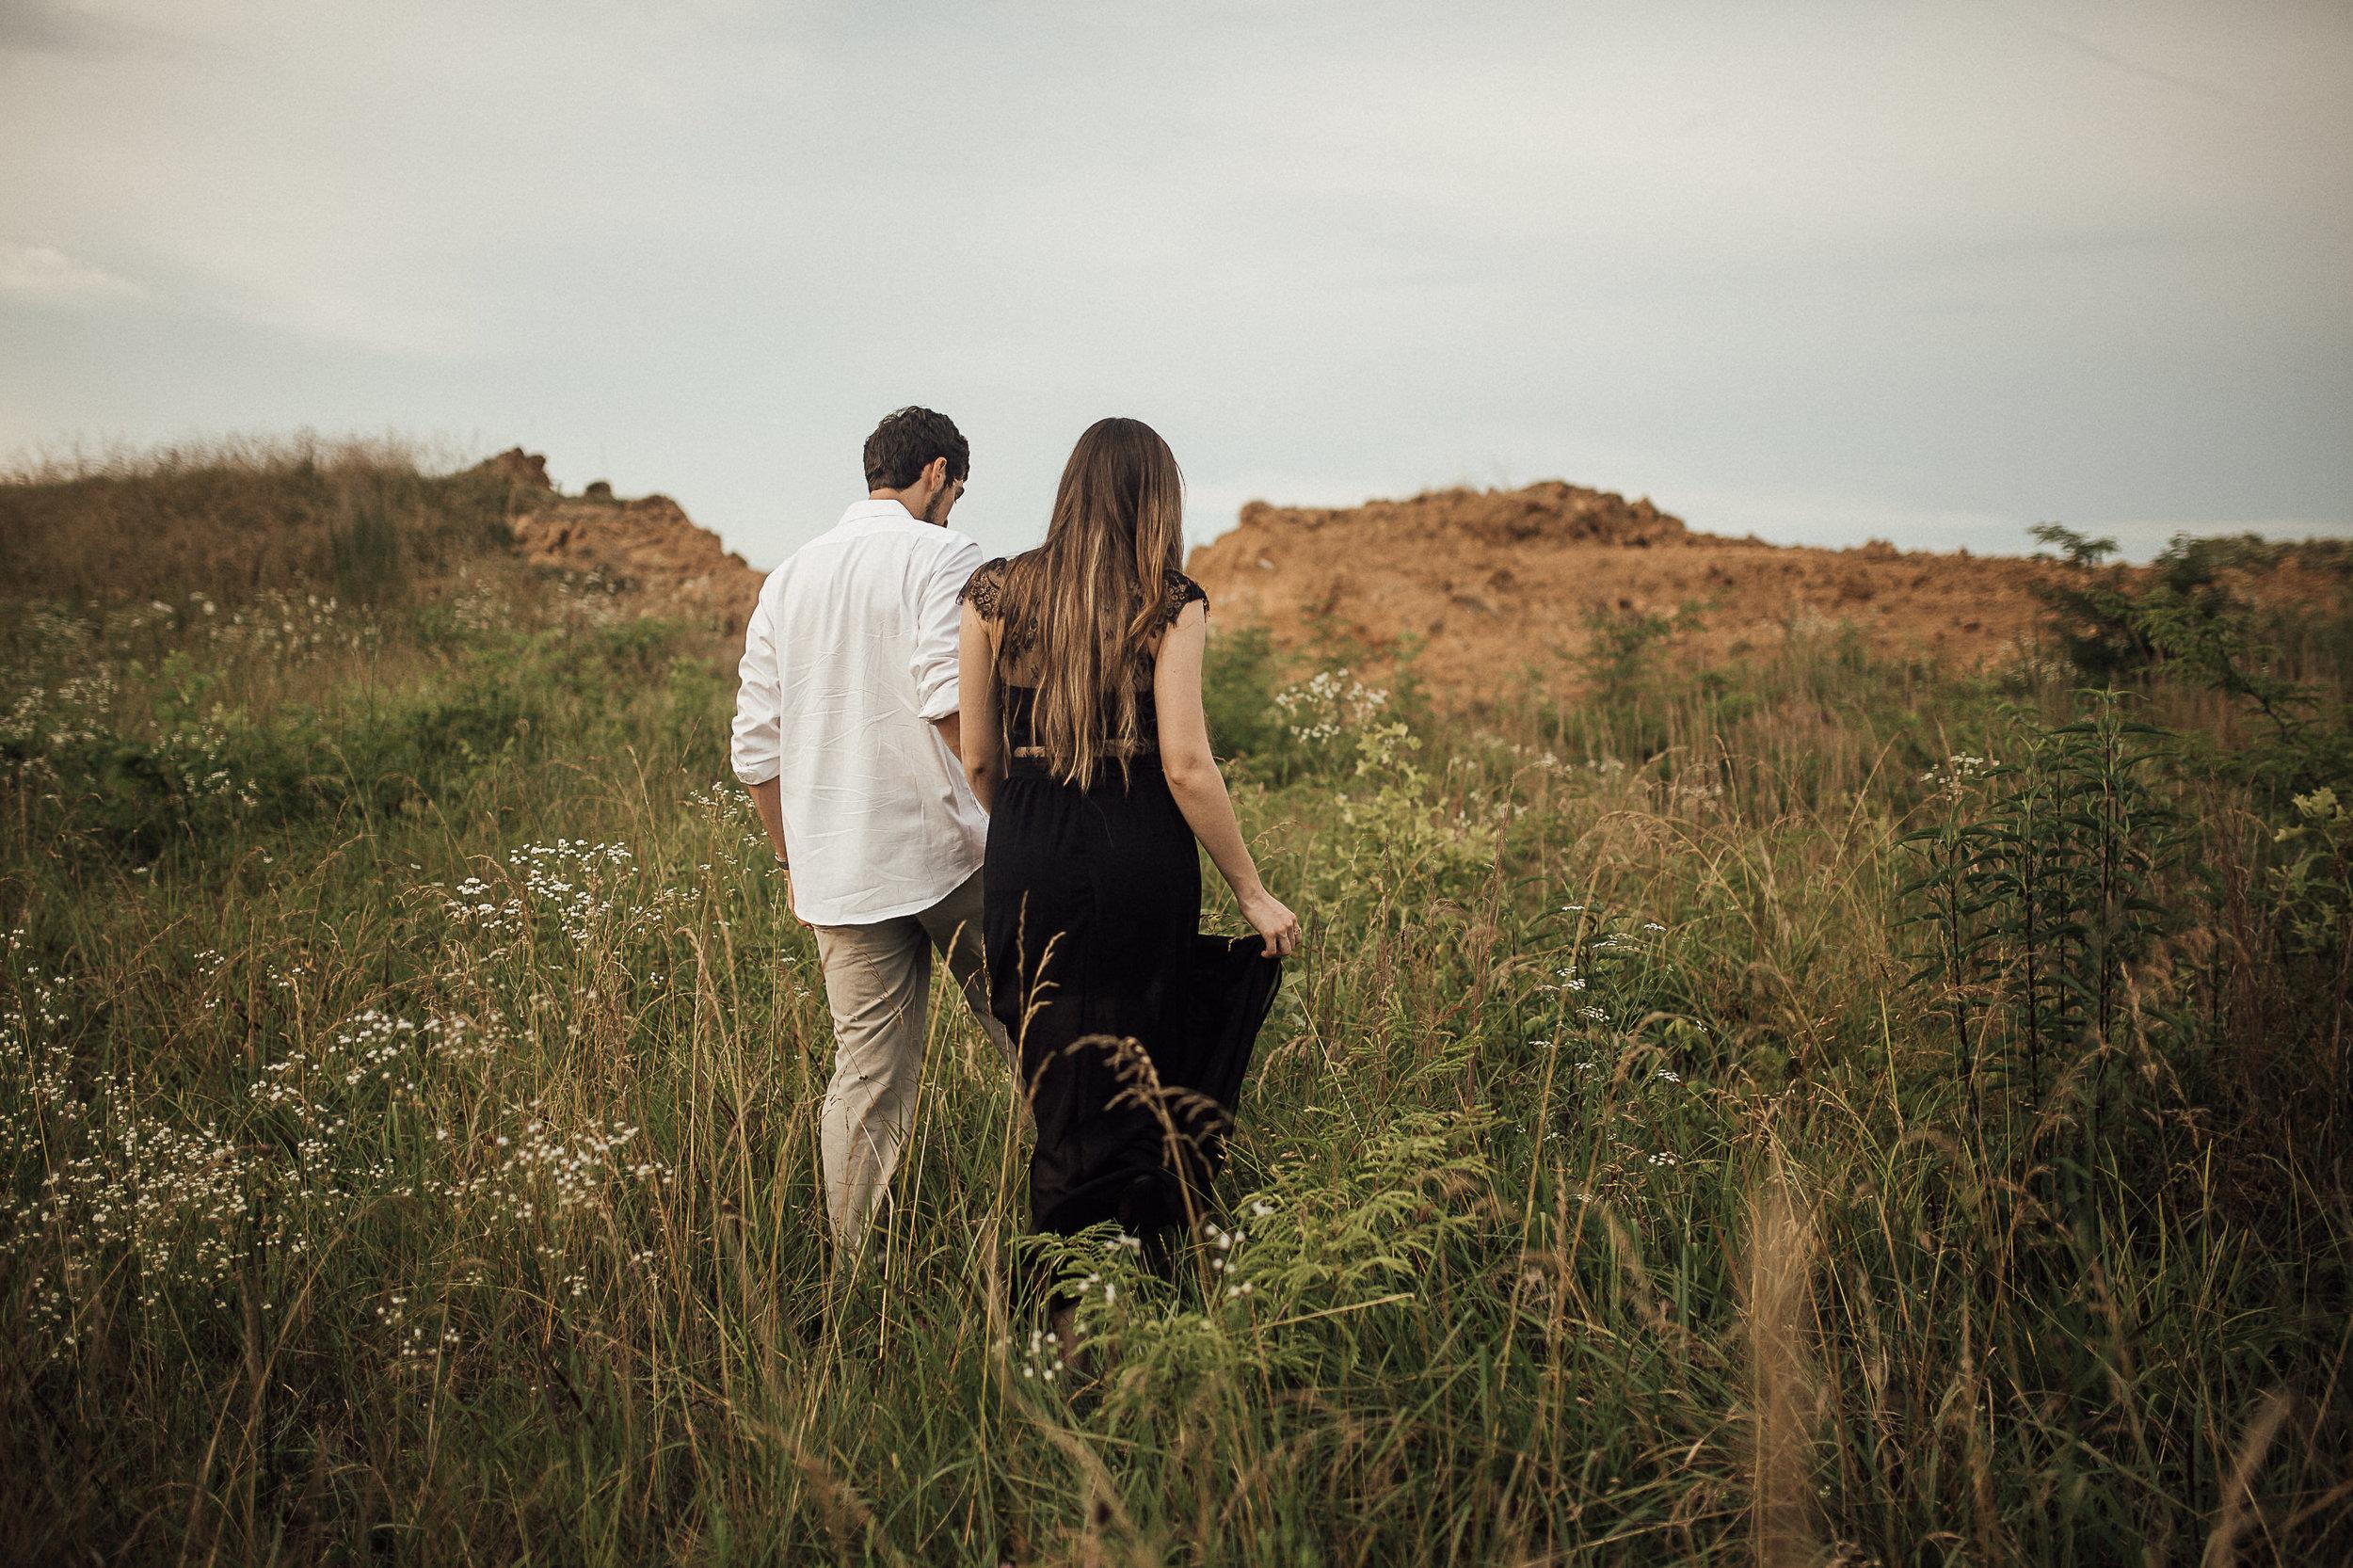 memphis-engagement-photographer-memphis-wedding-photographer-cassie-cook-photography-asheville-nc